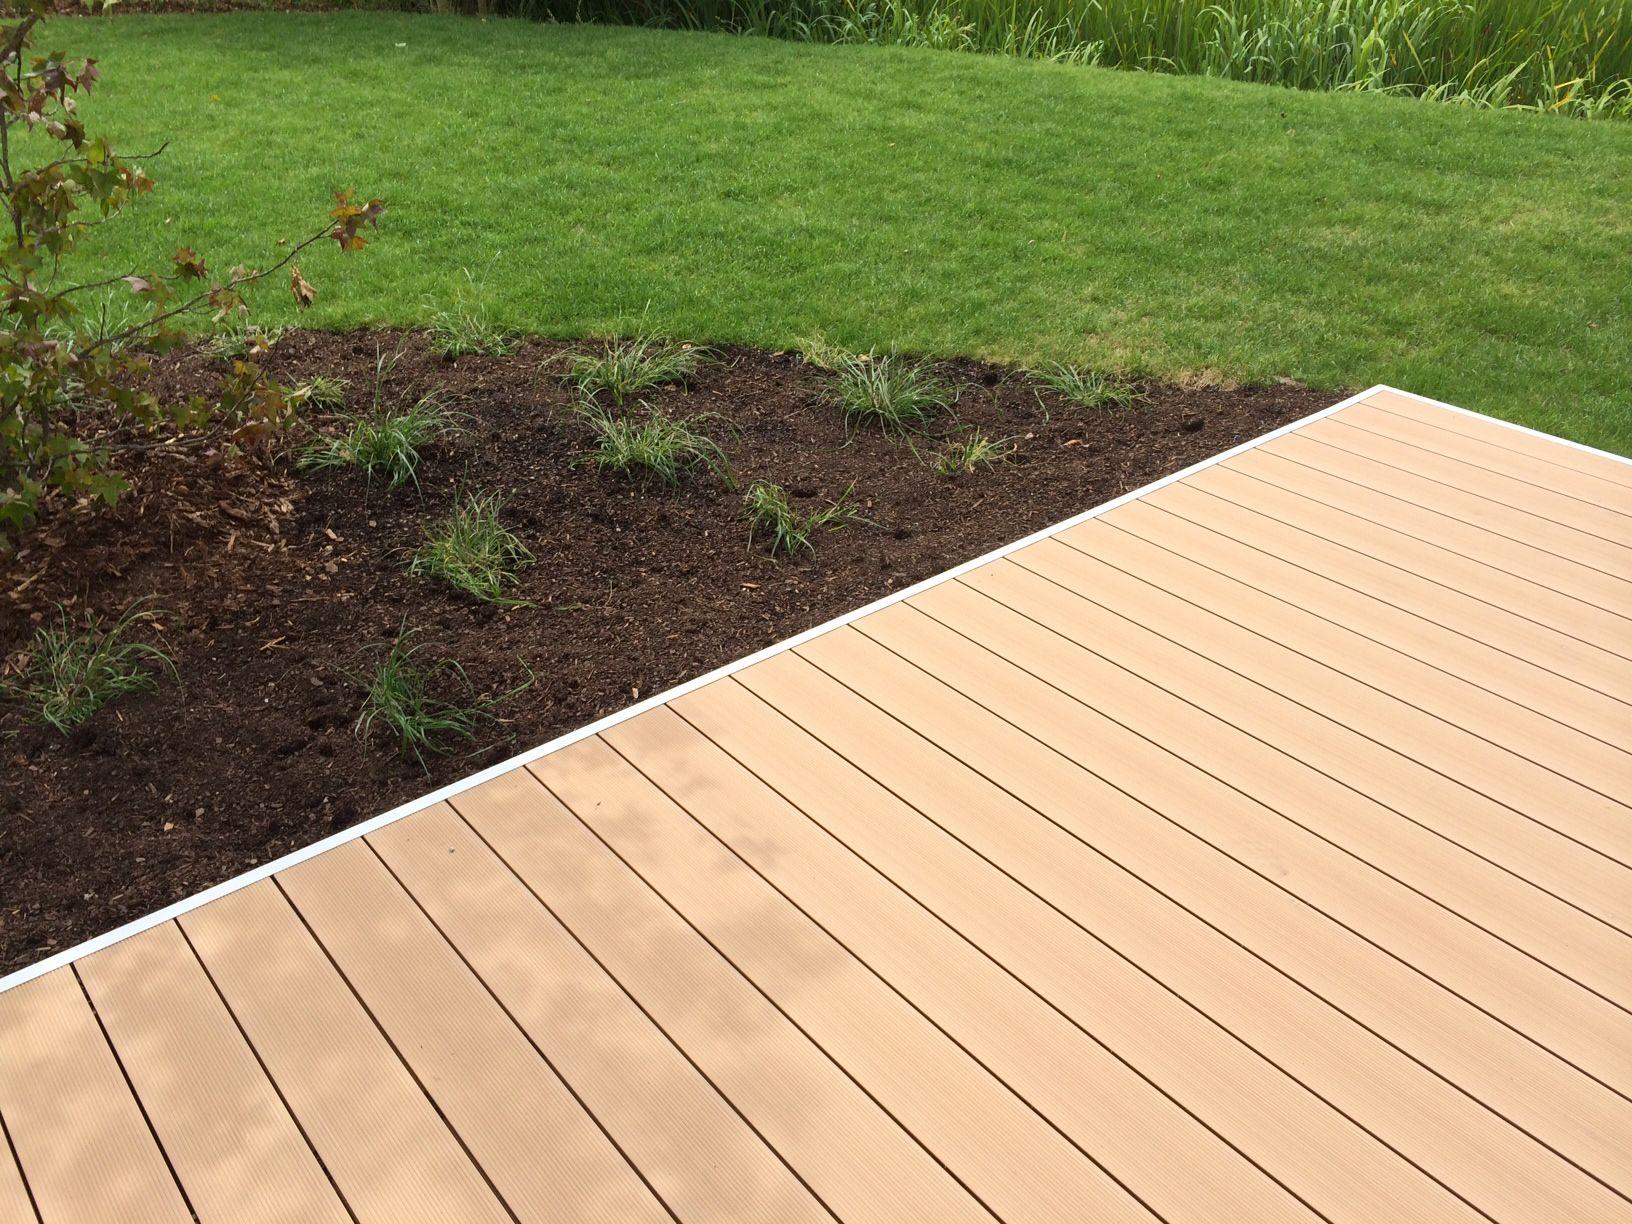 Rasen Begradigen Wie Man Eine Ebene Flache Erhalt Garten Bepflanzung Rasen Erneuern